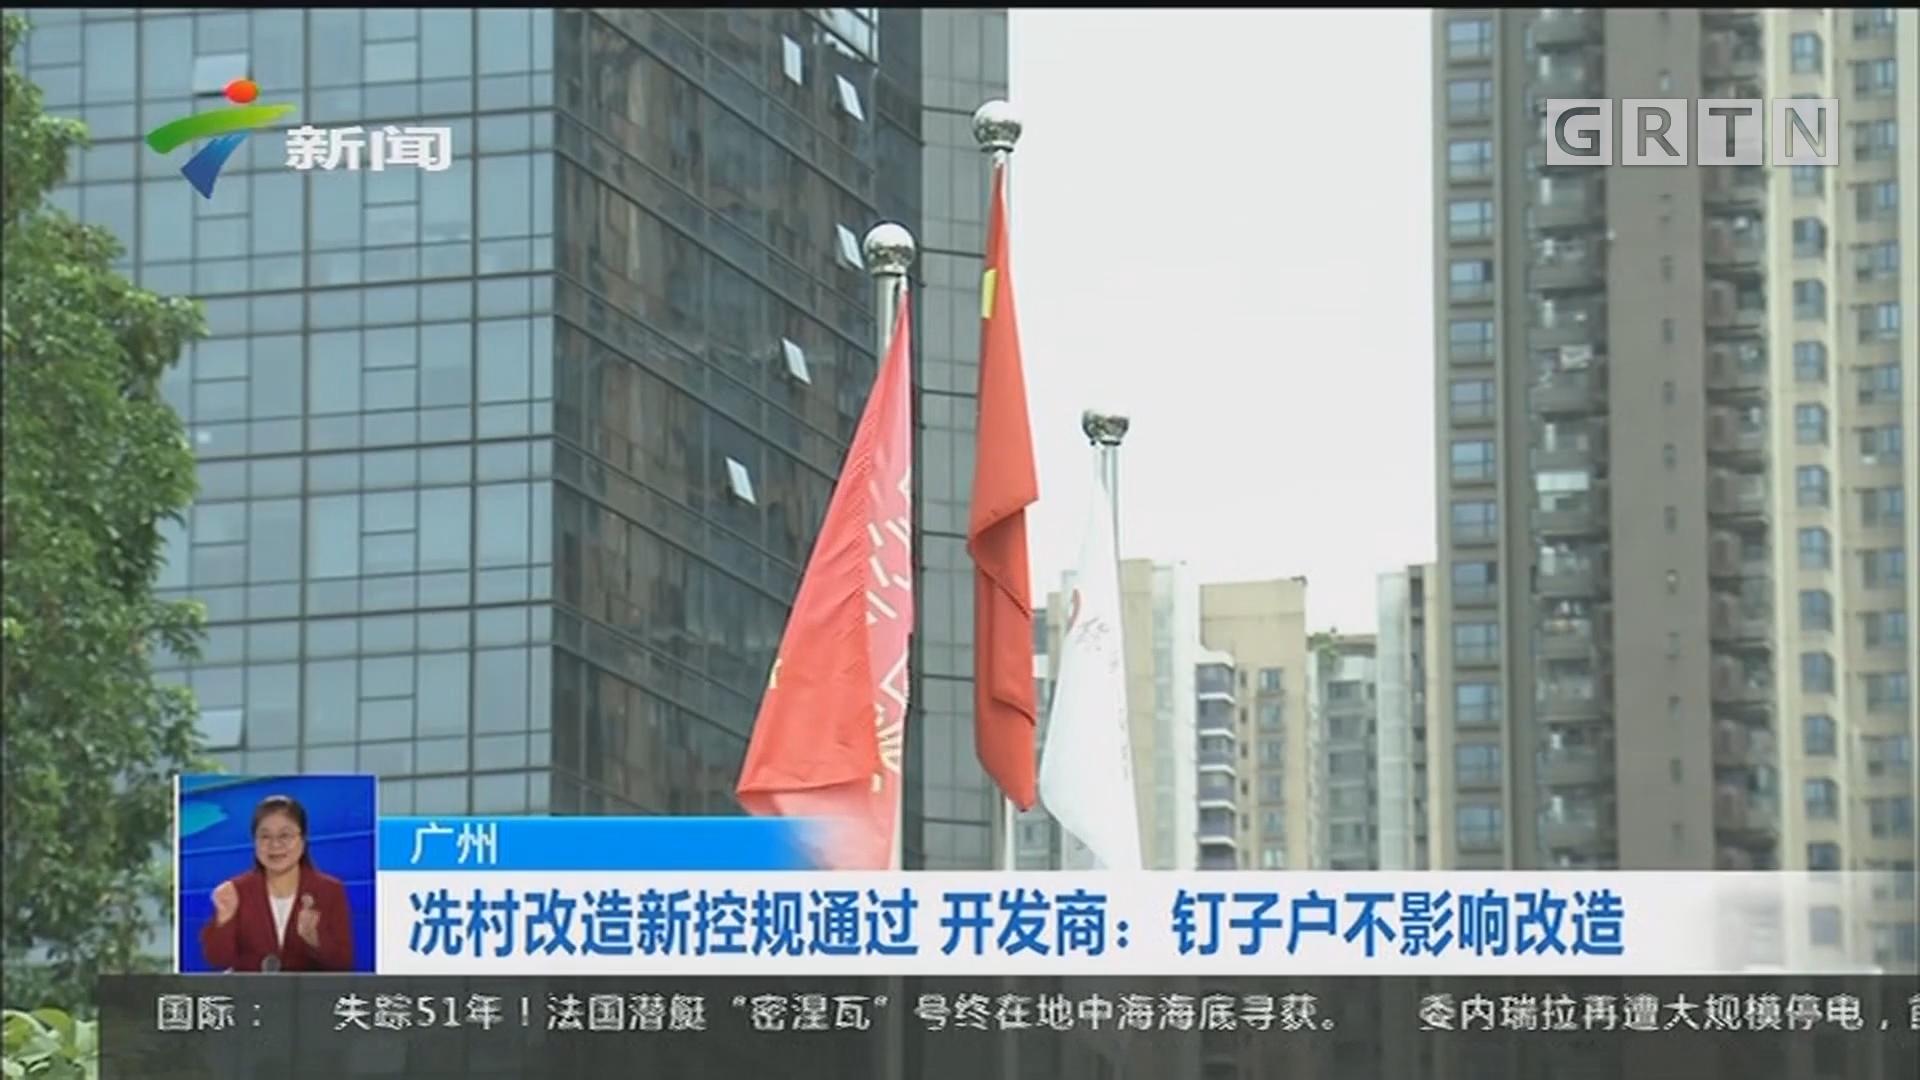 广州:冼村改造新控规通过 开发商:钉子户不影响改造